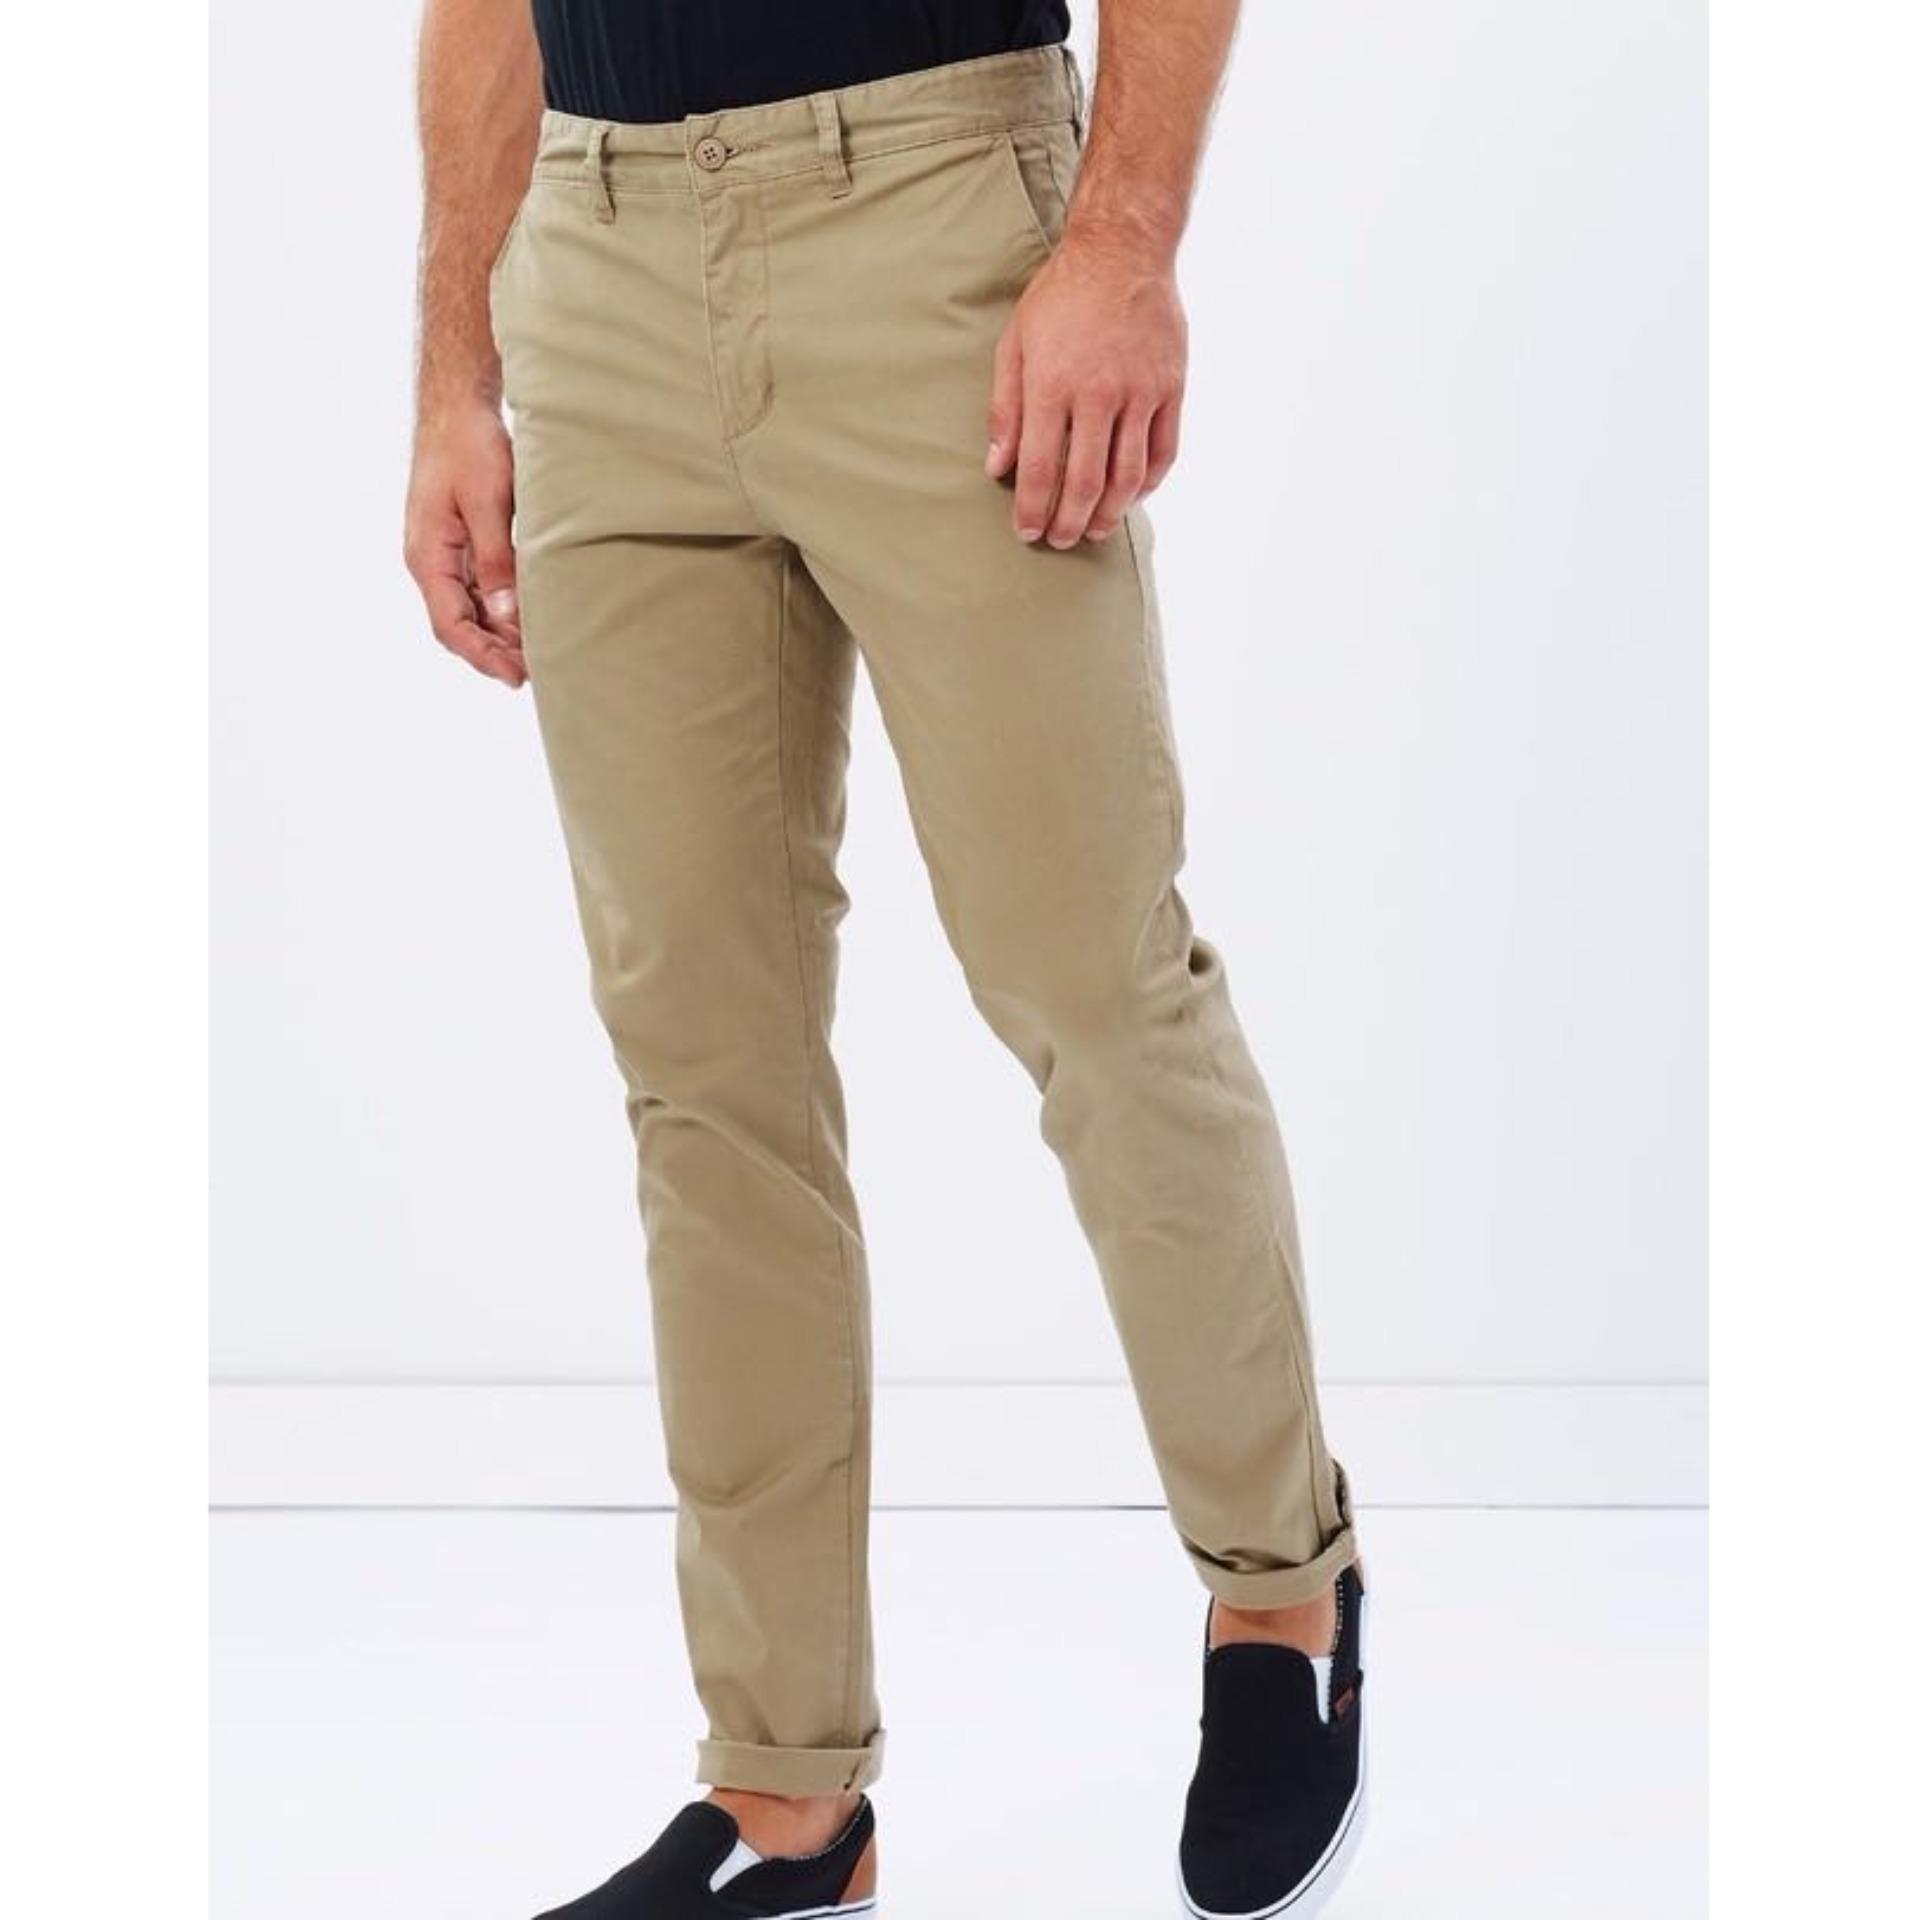 Celana Chino Katun Panjang Pria